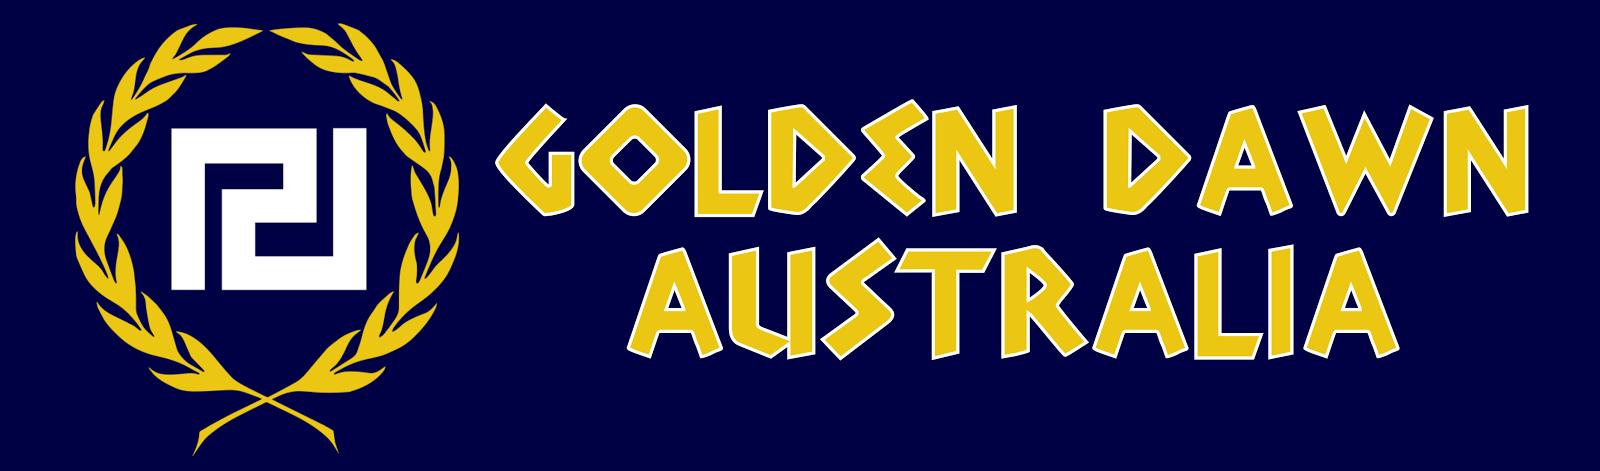 ΧΡΥΣΗ ΑΥΓΗ ΑΥΣΤΡΑΛΙΑ / Golden Dawn Australia